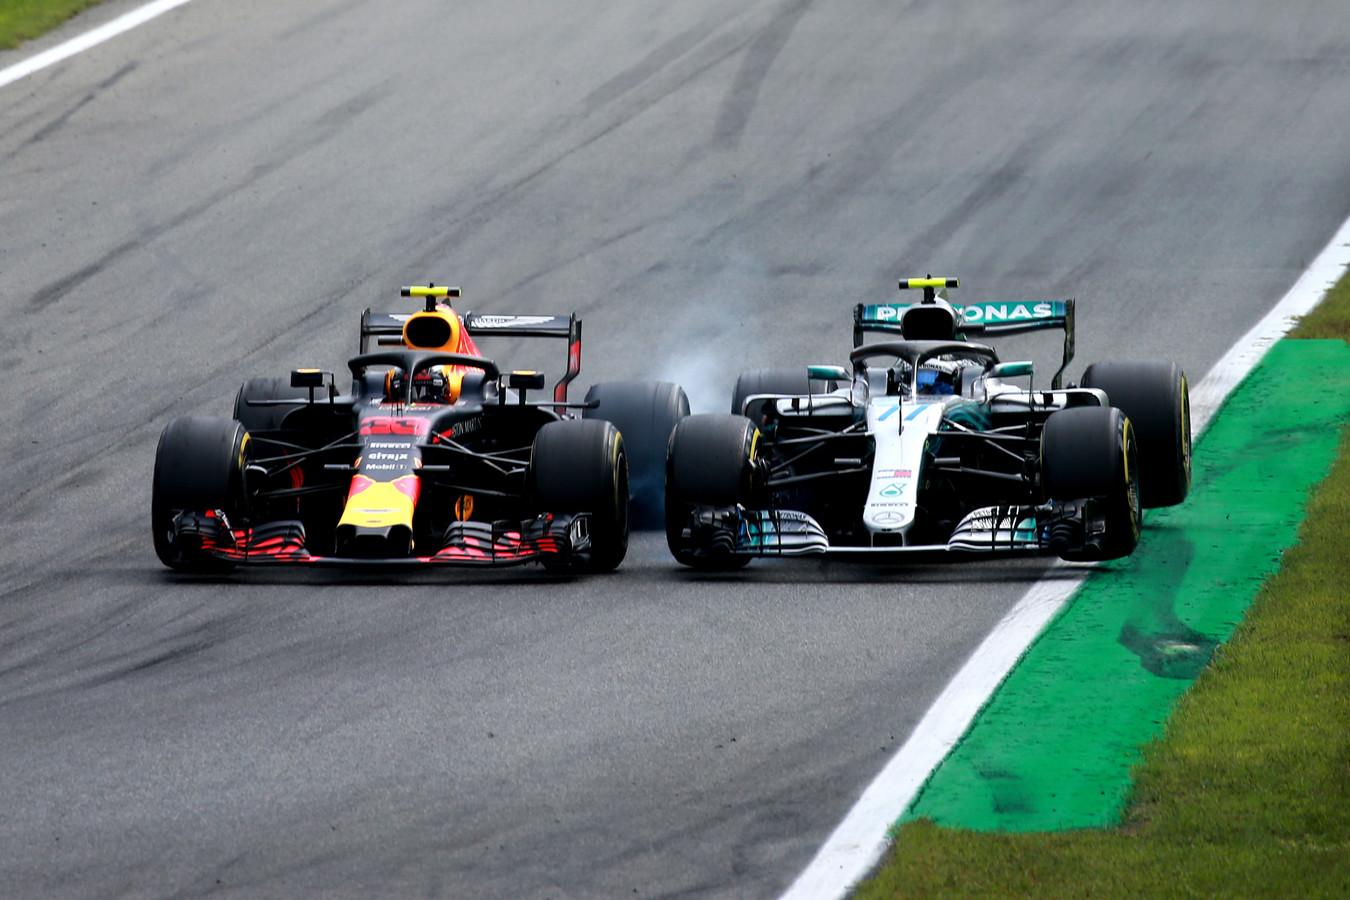 Max Verstappen komt in contact met Valtteri Bottas en krijgt een penalty van 5 seconden.